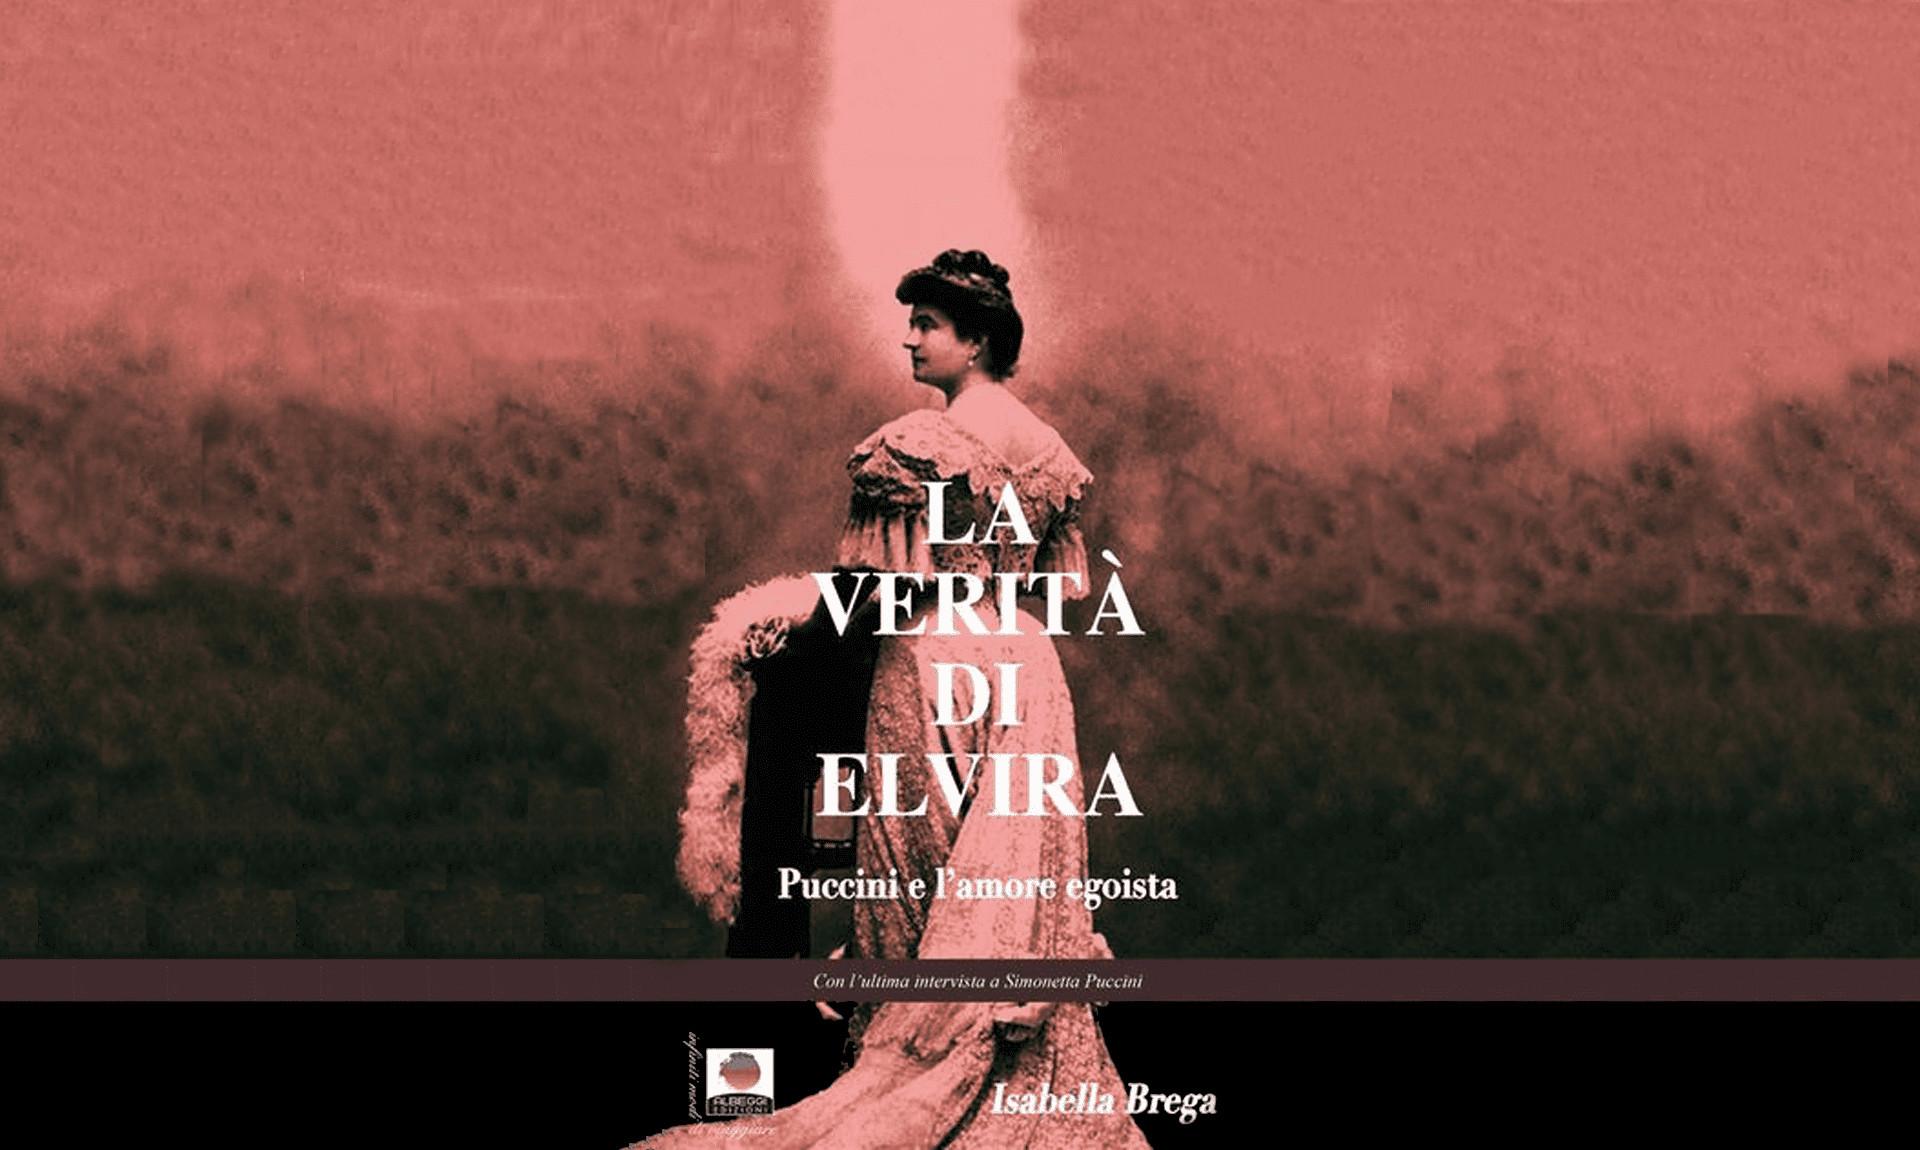 La verità di Elvira Presentazione del libro di Isabella Brega al Ridotto del  Regio